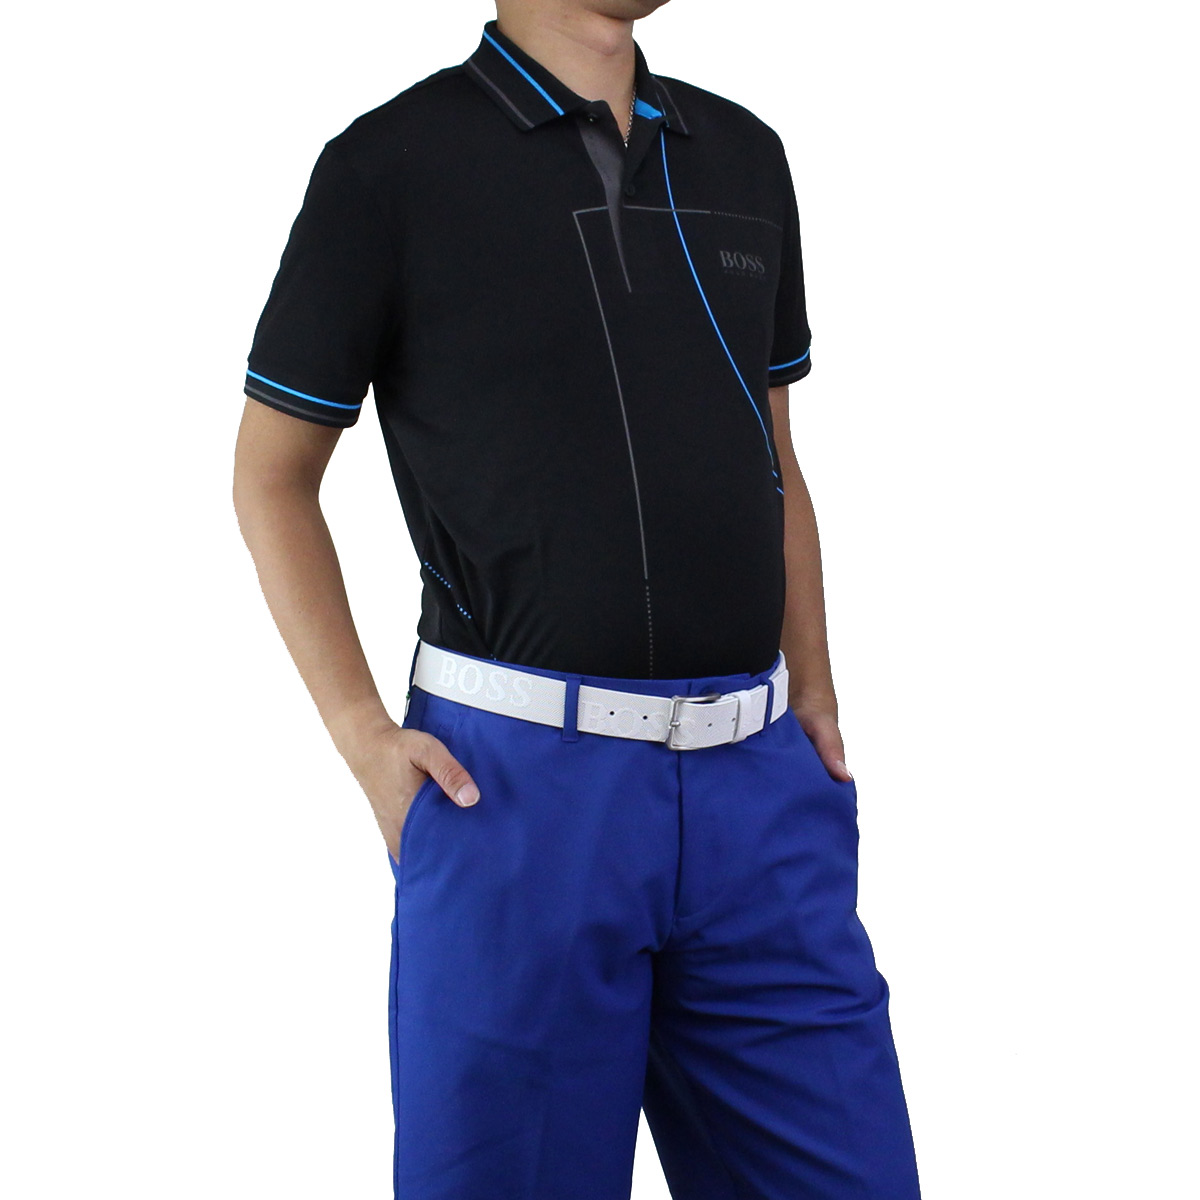 ヒューゴ ボス HUGO BOSS PADDY MK1 パディ マーク1 ポロシャツ 半袖 ゴルフウェア 50403516 10198091 001 ブラック メンズ【キャッシュレス 5% 還元】